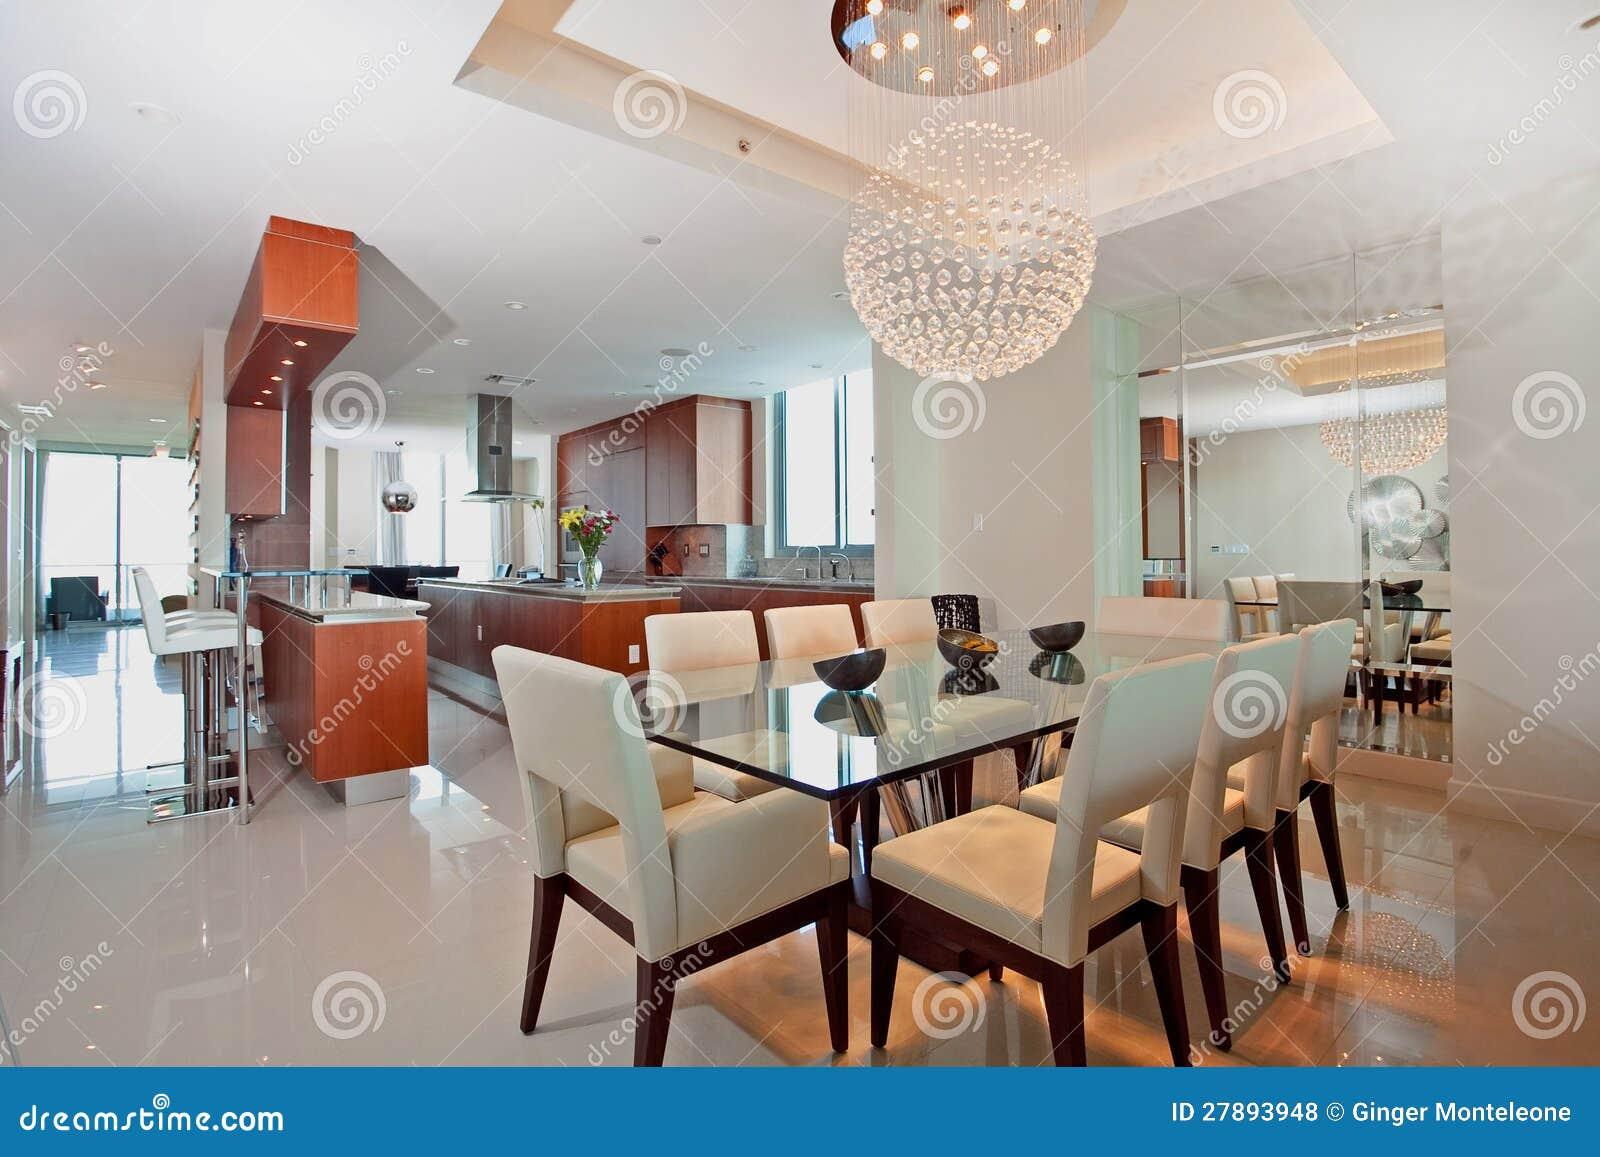 Moderne open keuken en eetkamer royalty vrije stock foto's ...